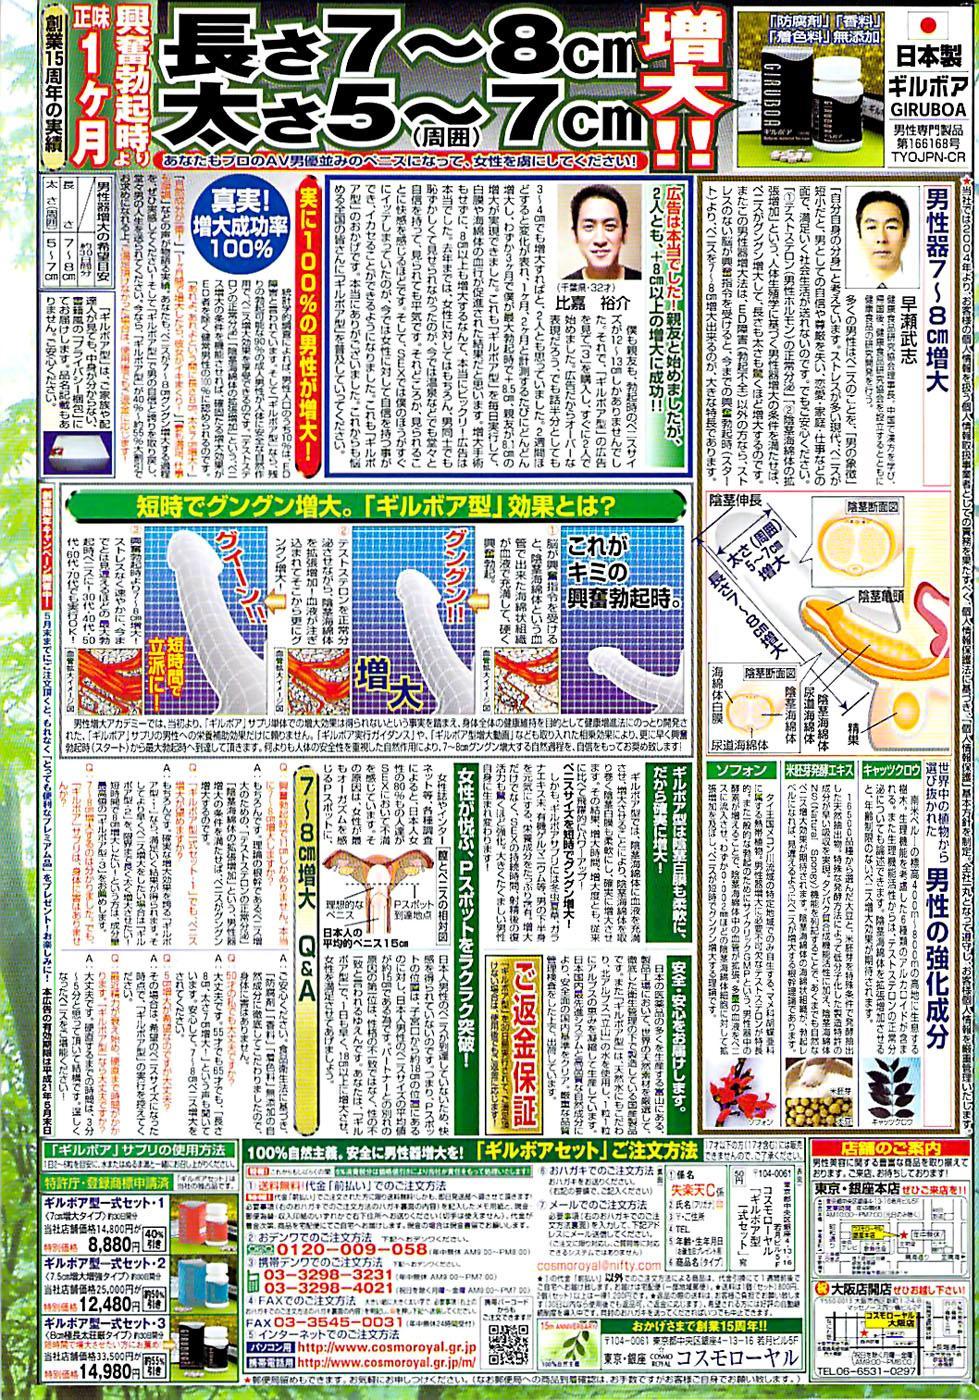 COMIC Shitsurakuten 2009-04 300